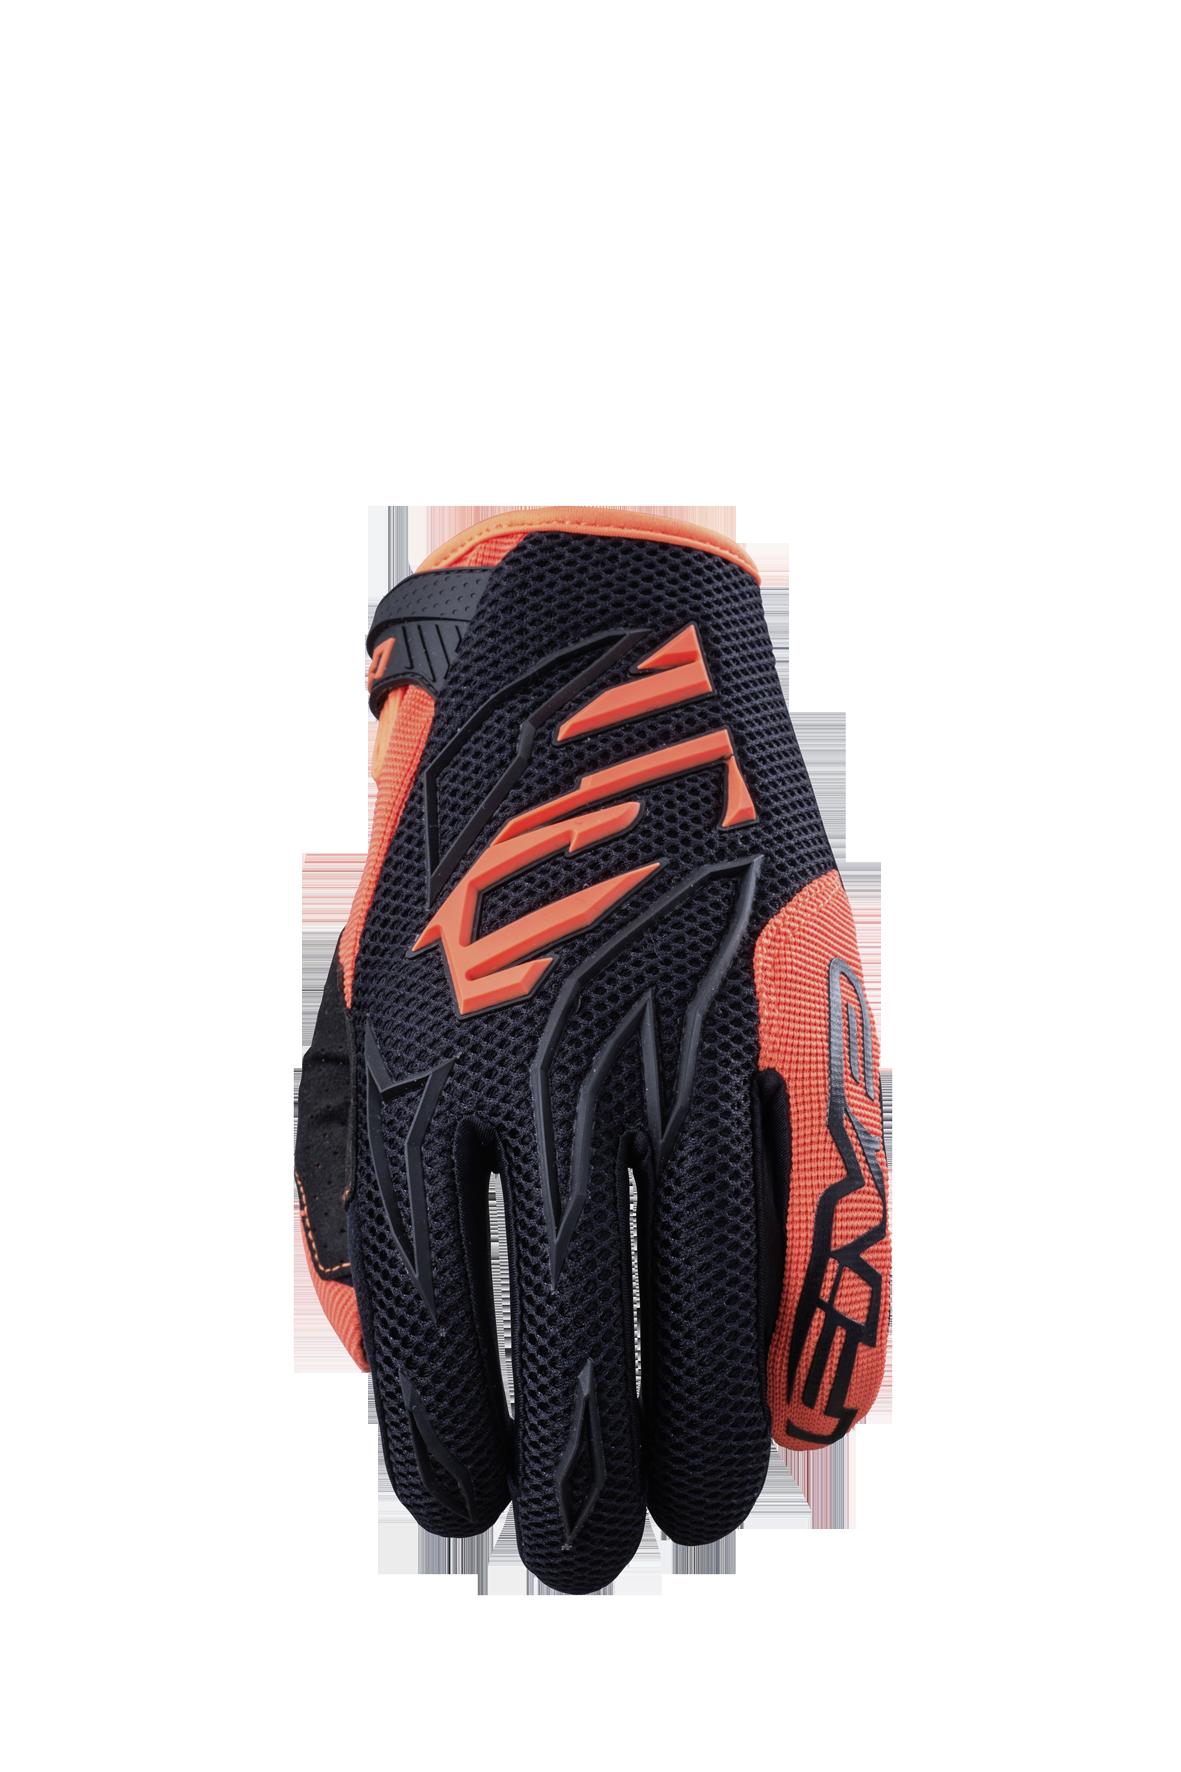 MXF 3 Black Fluro Orange